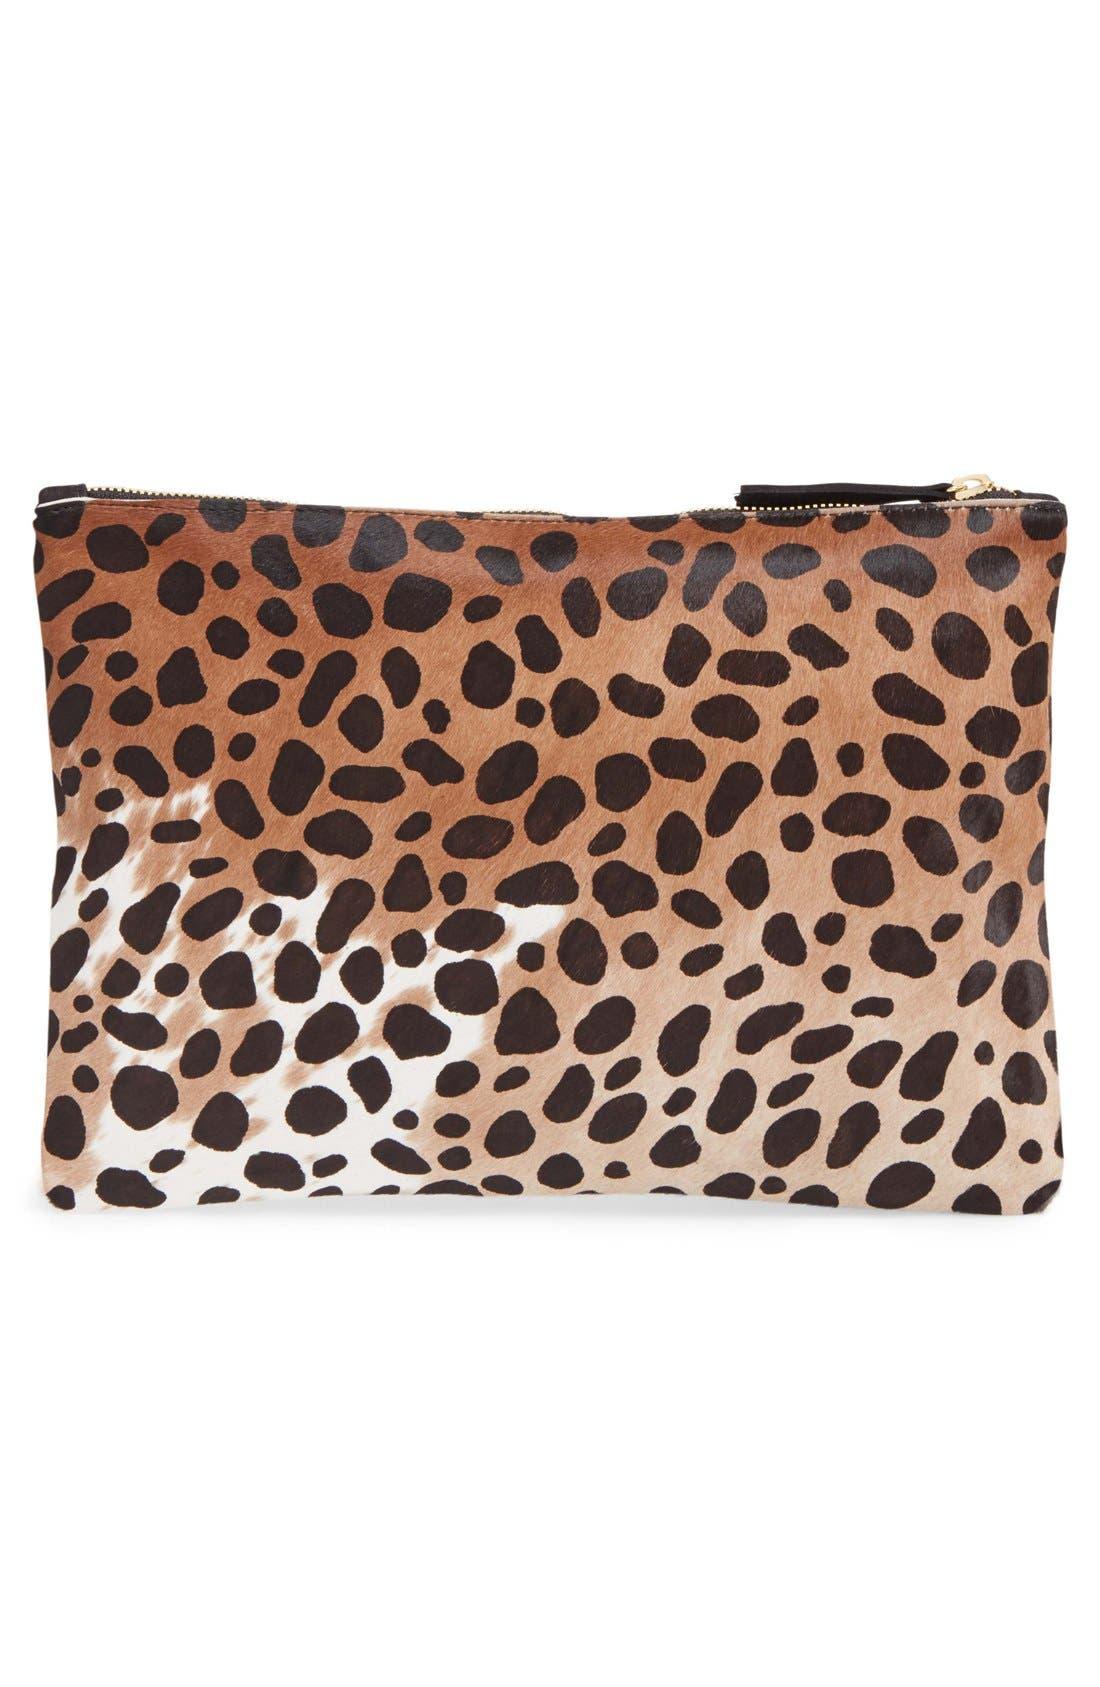 Alternate Image 3  - Clare V. Genuine Calf Hair Leopard Print Zip Clutch